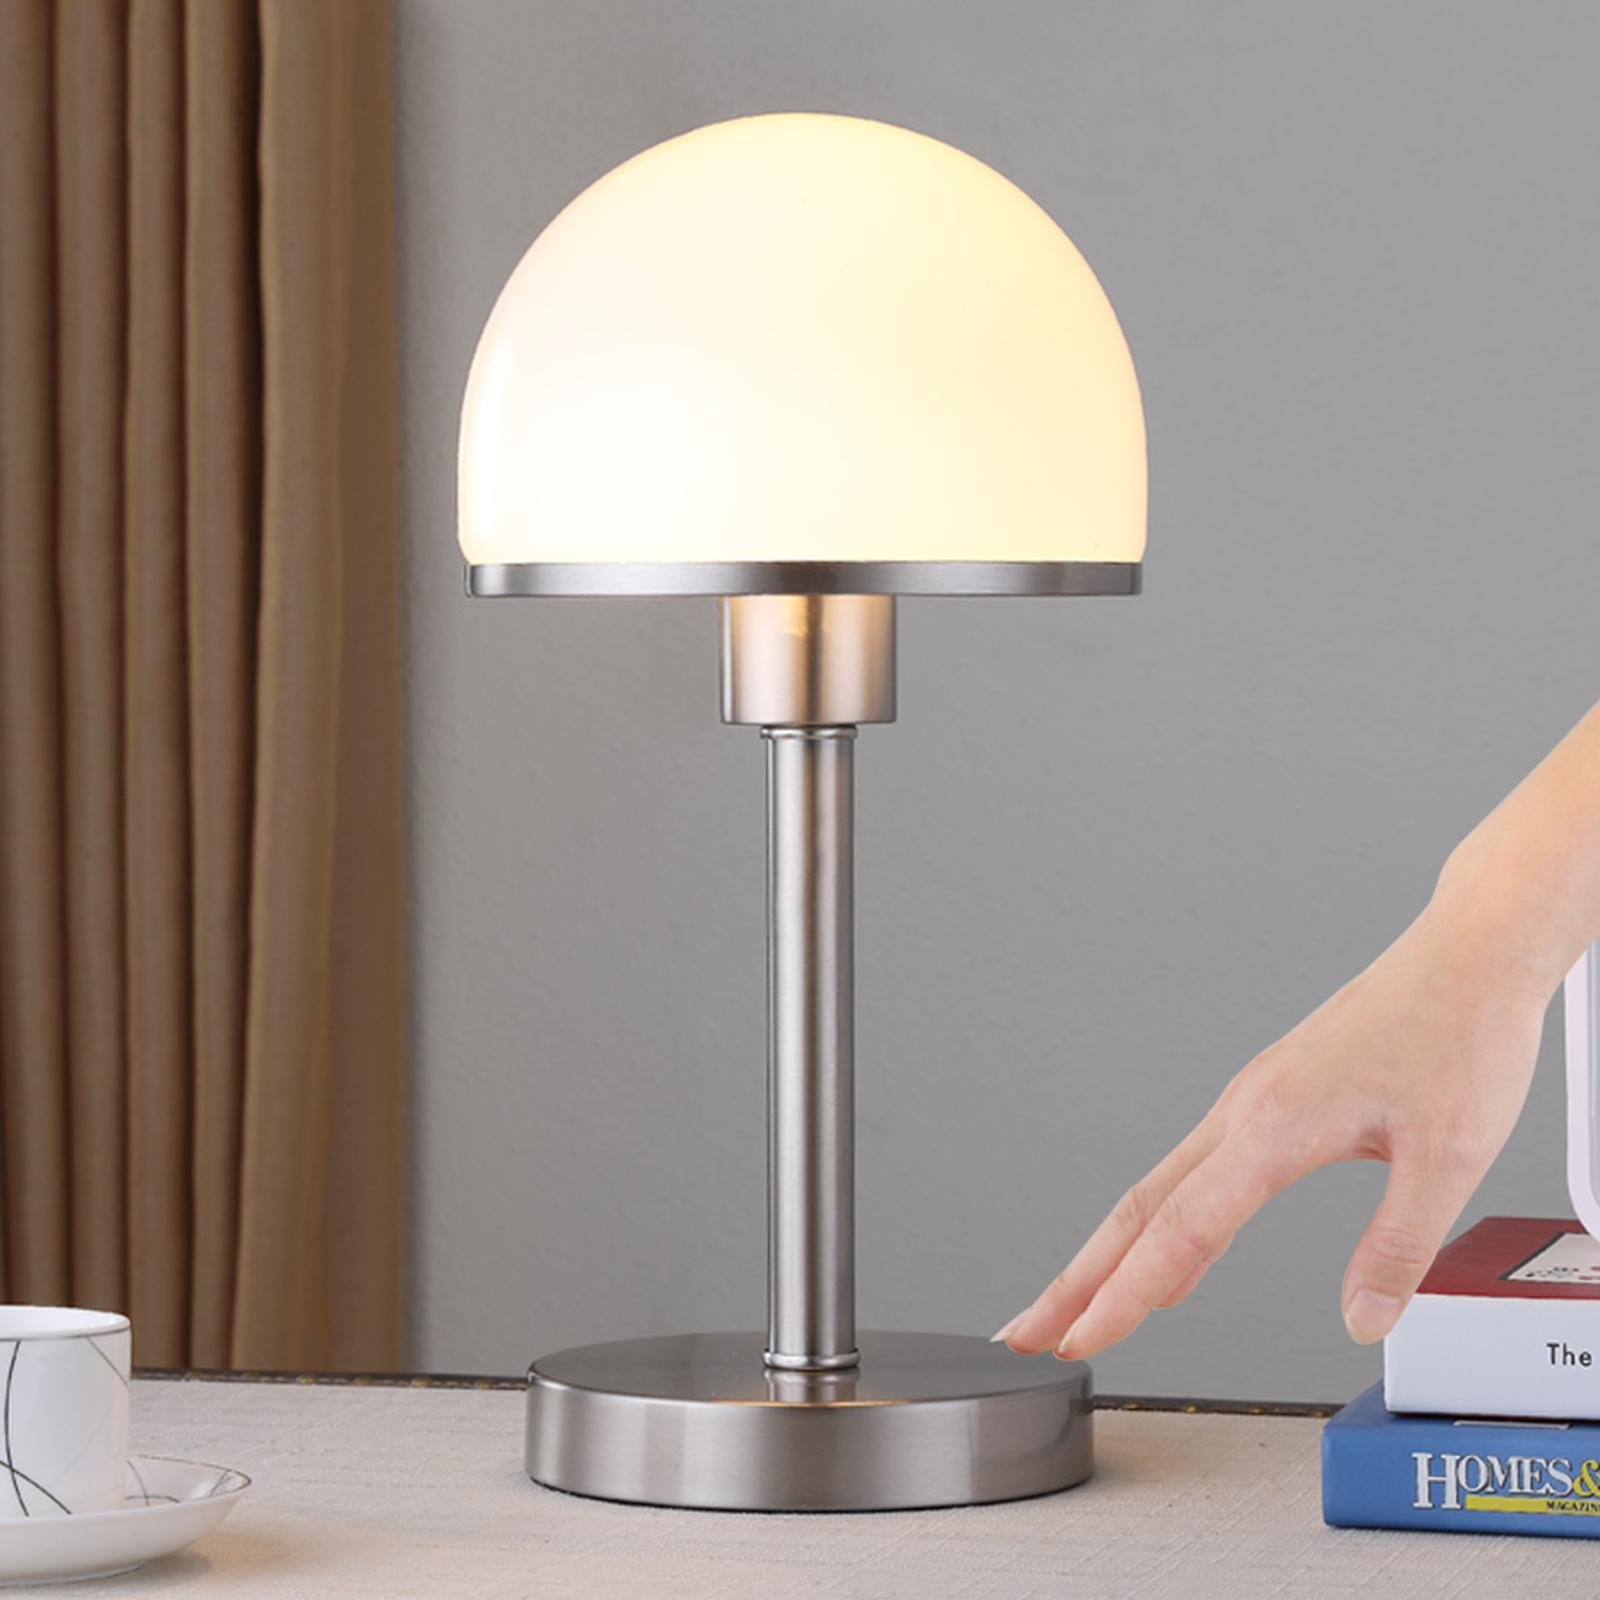 Acquista Jolie - lampada da tavolo con diffusore in vetro